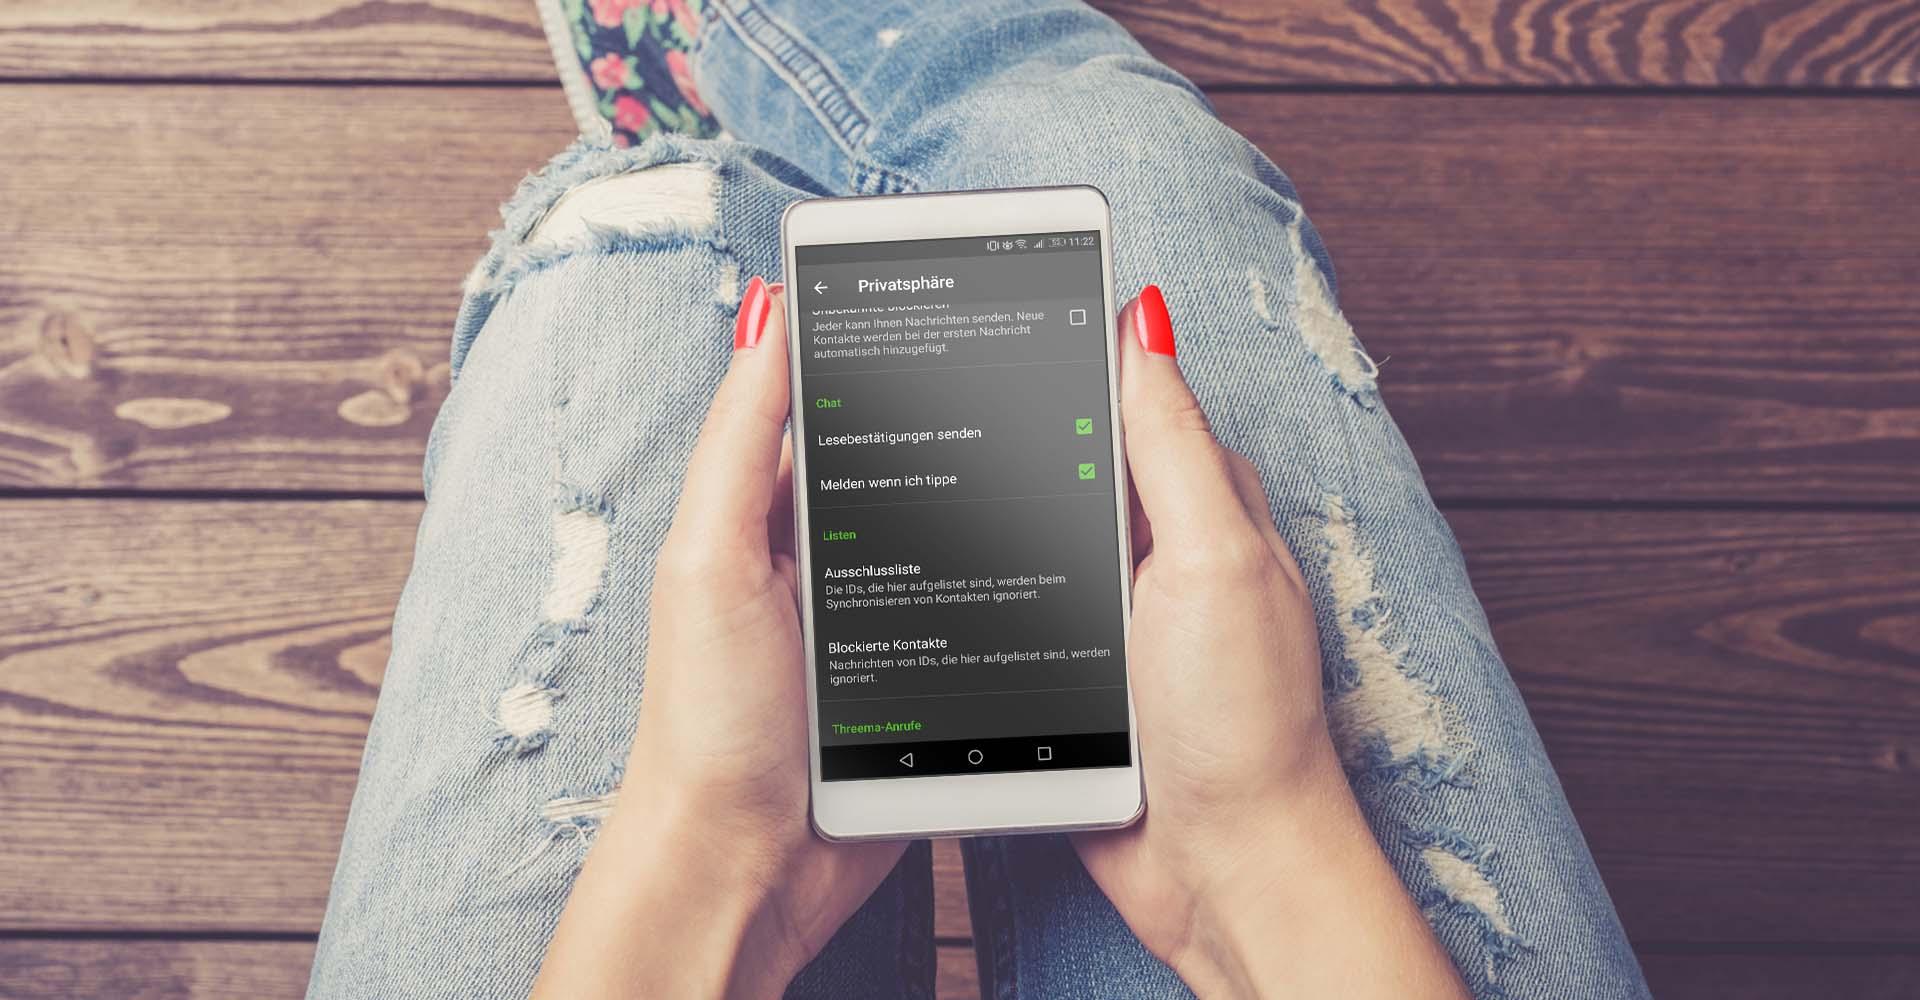 Via Threema am Smartphone keine Lesebestätigungen mehr senden.